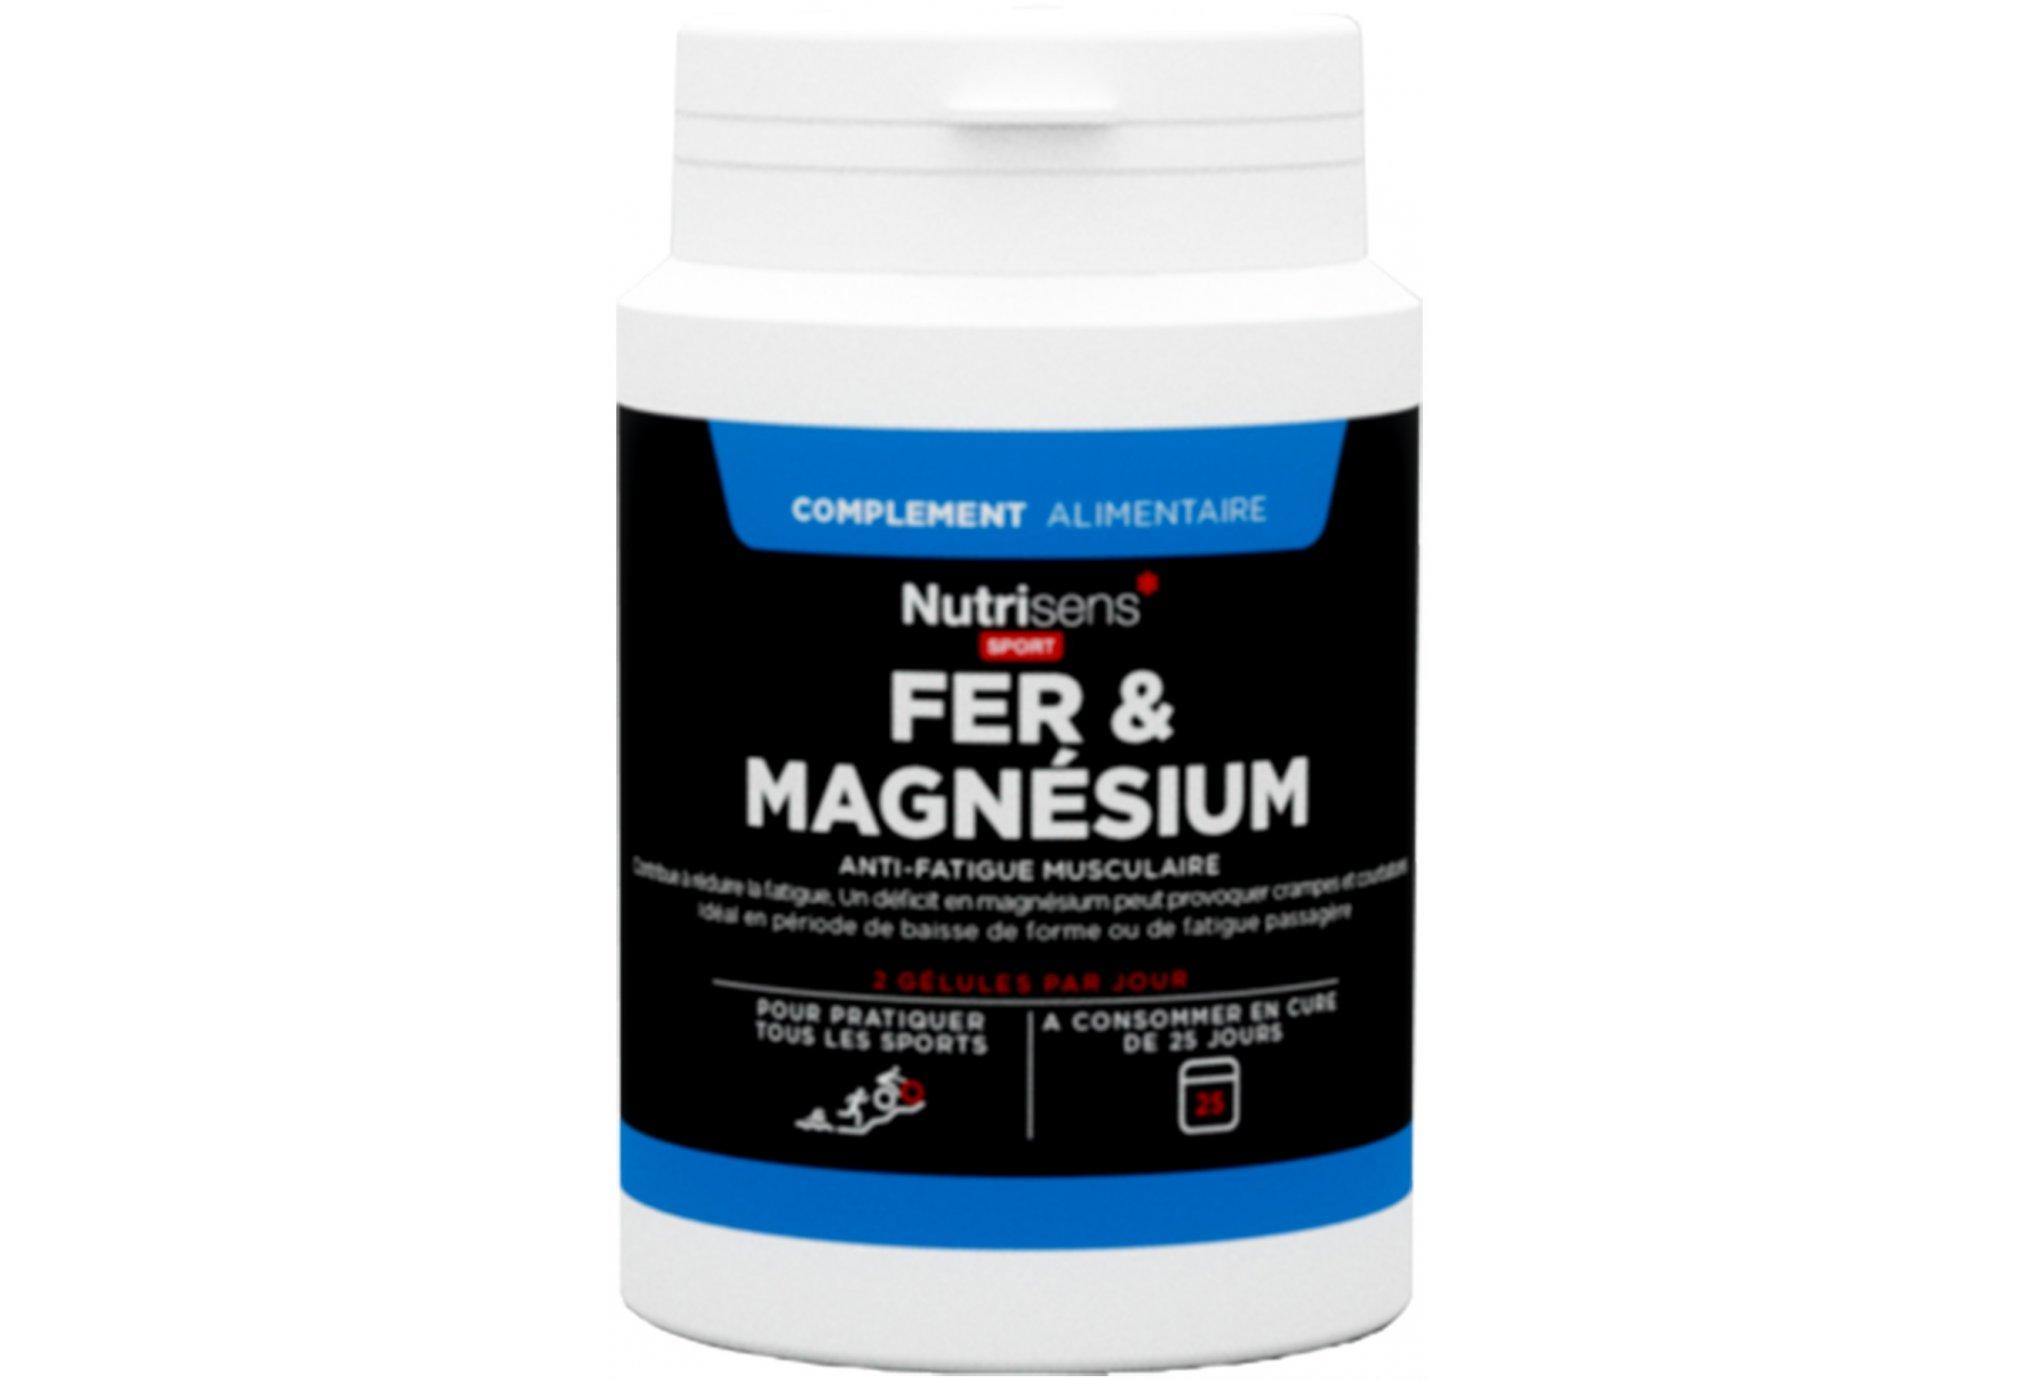 Nutrisens Sport Hierro y magnesio Diététique Compléments